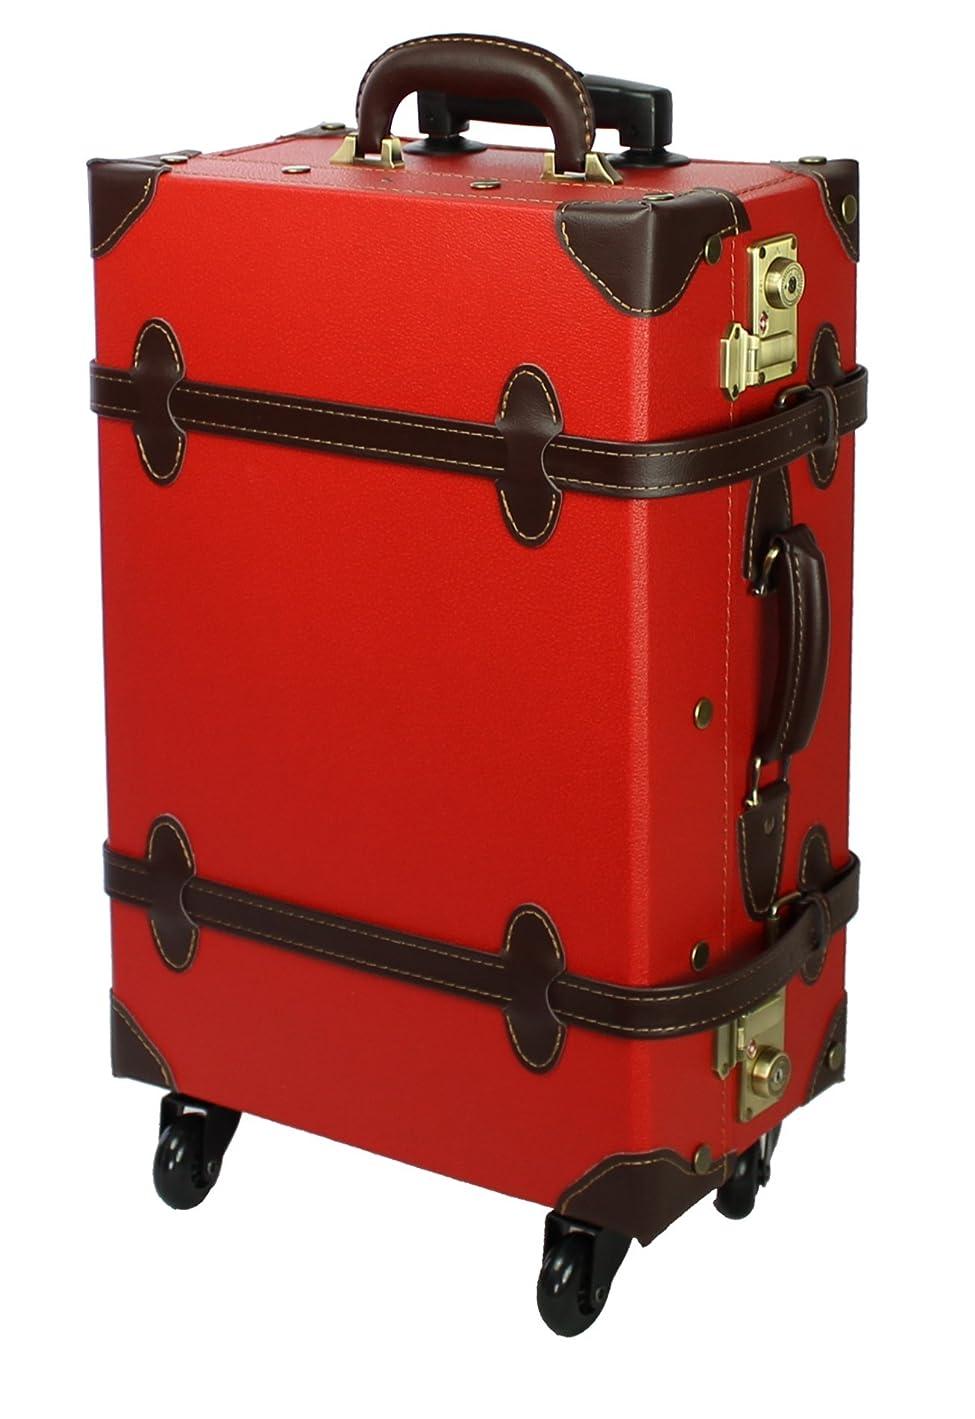 あなたが良くなりますグリーンランドクルーズ【MOIERG】キャリーバッグ キャリーケース スーツケース Sサイズ 修学旅行 3年保証 軽量 TSA